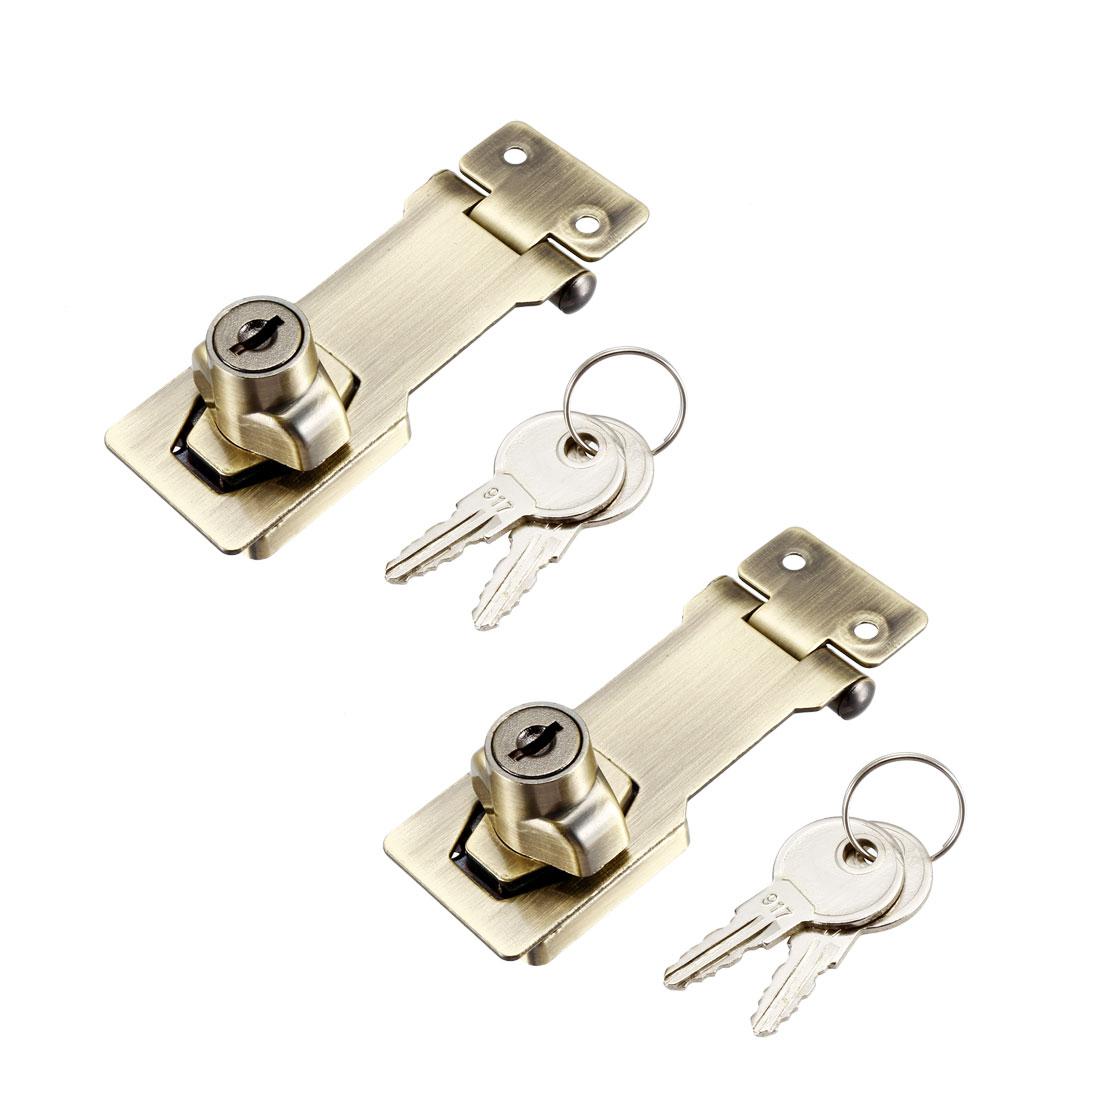 Keyed Hasp Lock 94mm Twist Knob Keyed Locking Hasp Bronze Tone 2 Pcs